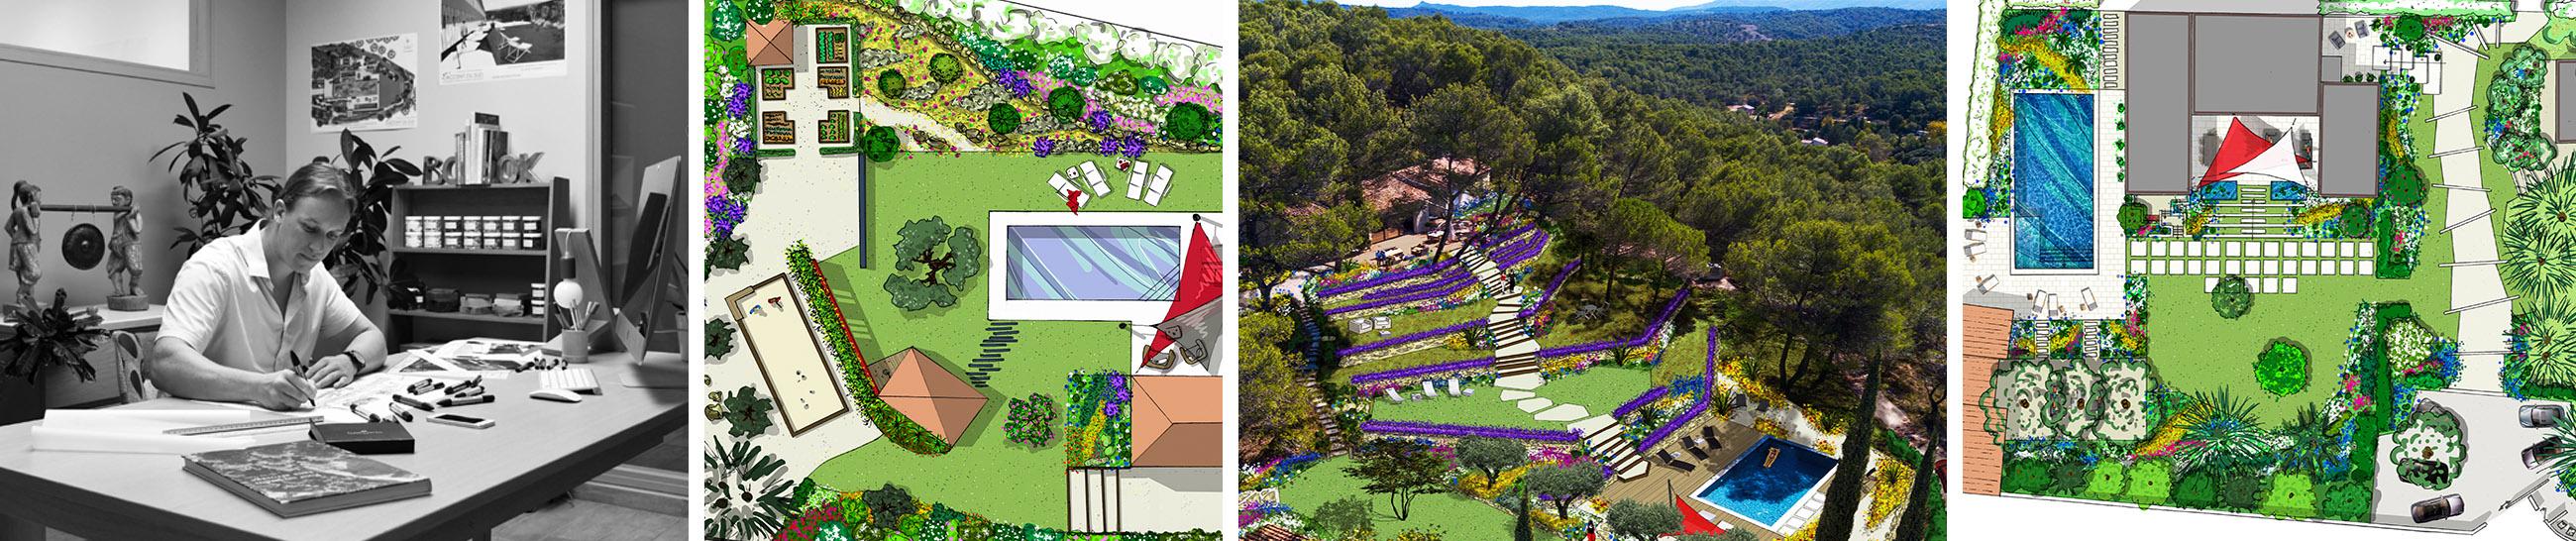 Prestations - Architecte paysagiste concepteur - Atelier Naudier - Montpellier & Aix en Provence - aménagement jardin